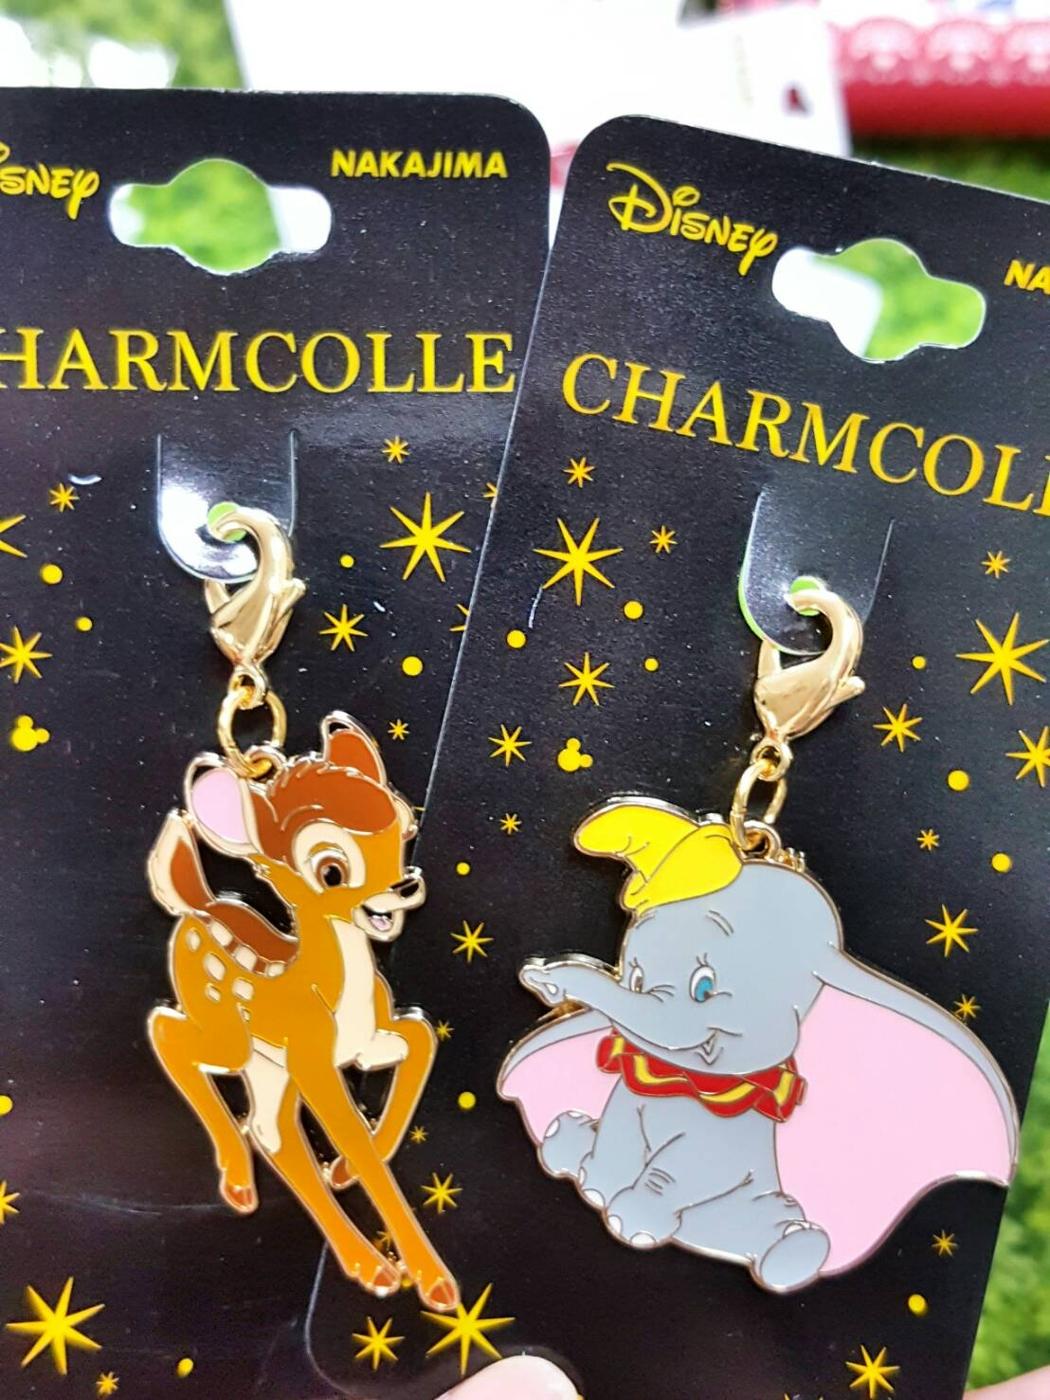 日本小飛象小鹿斑比吊飾鑰匙圈拉鍊吊飾084156通販屋